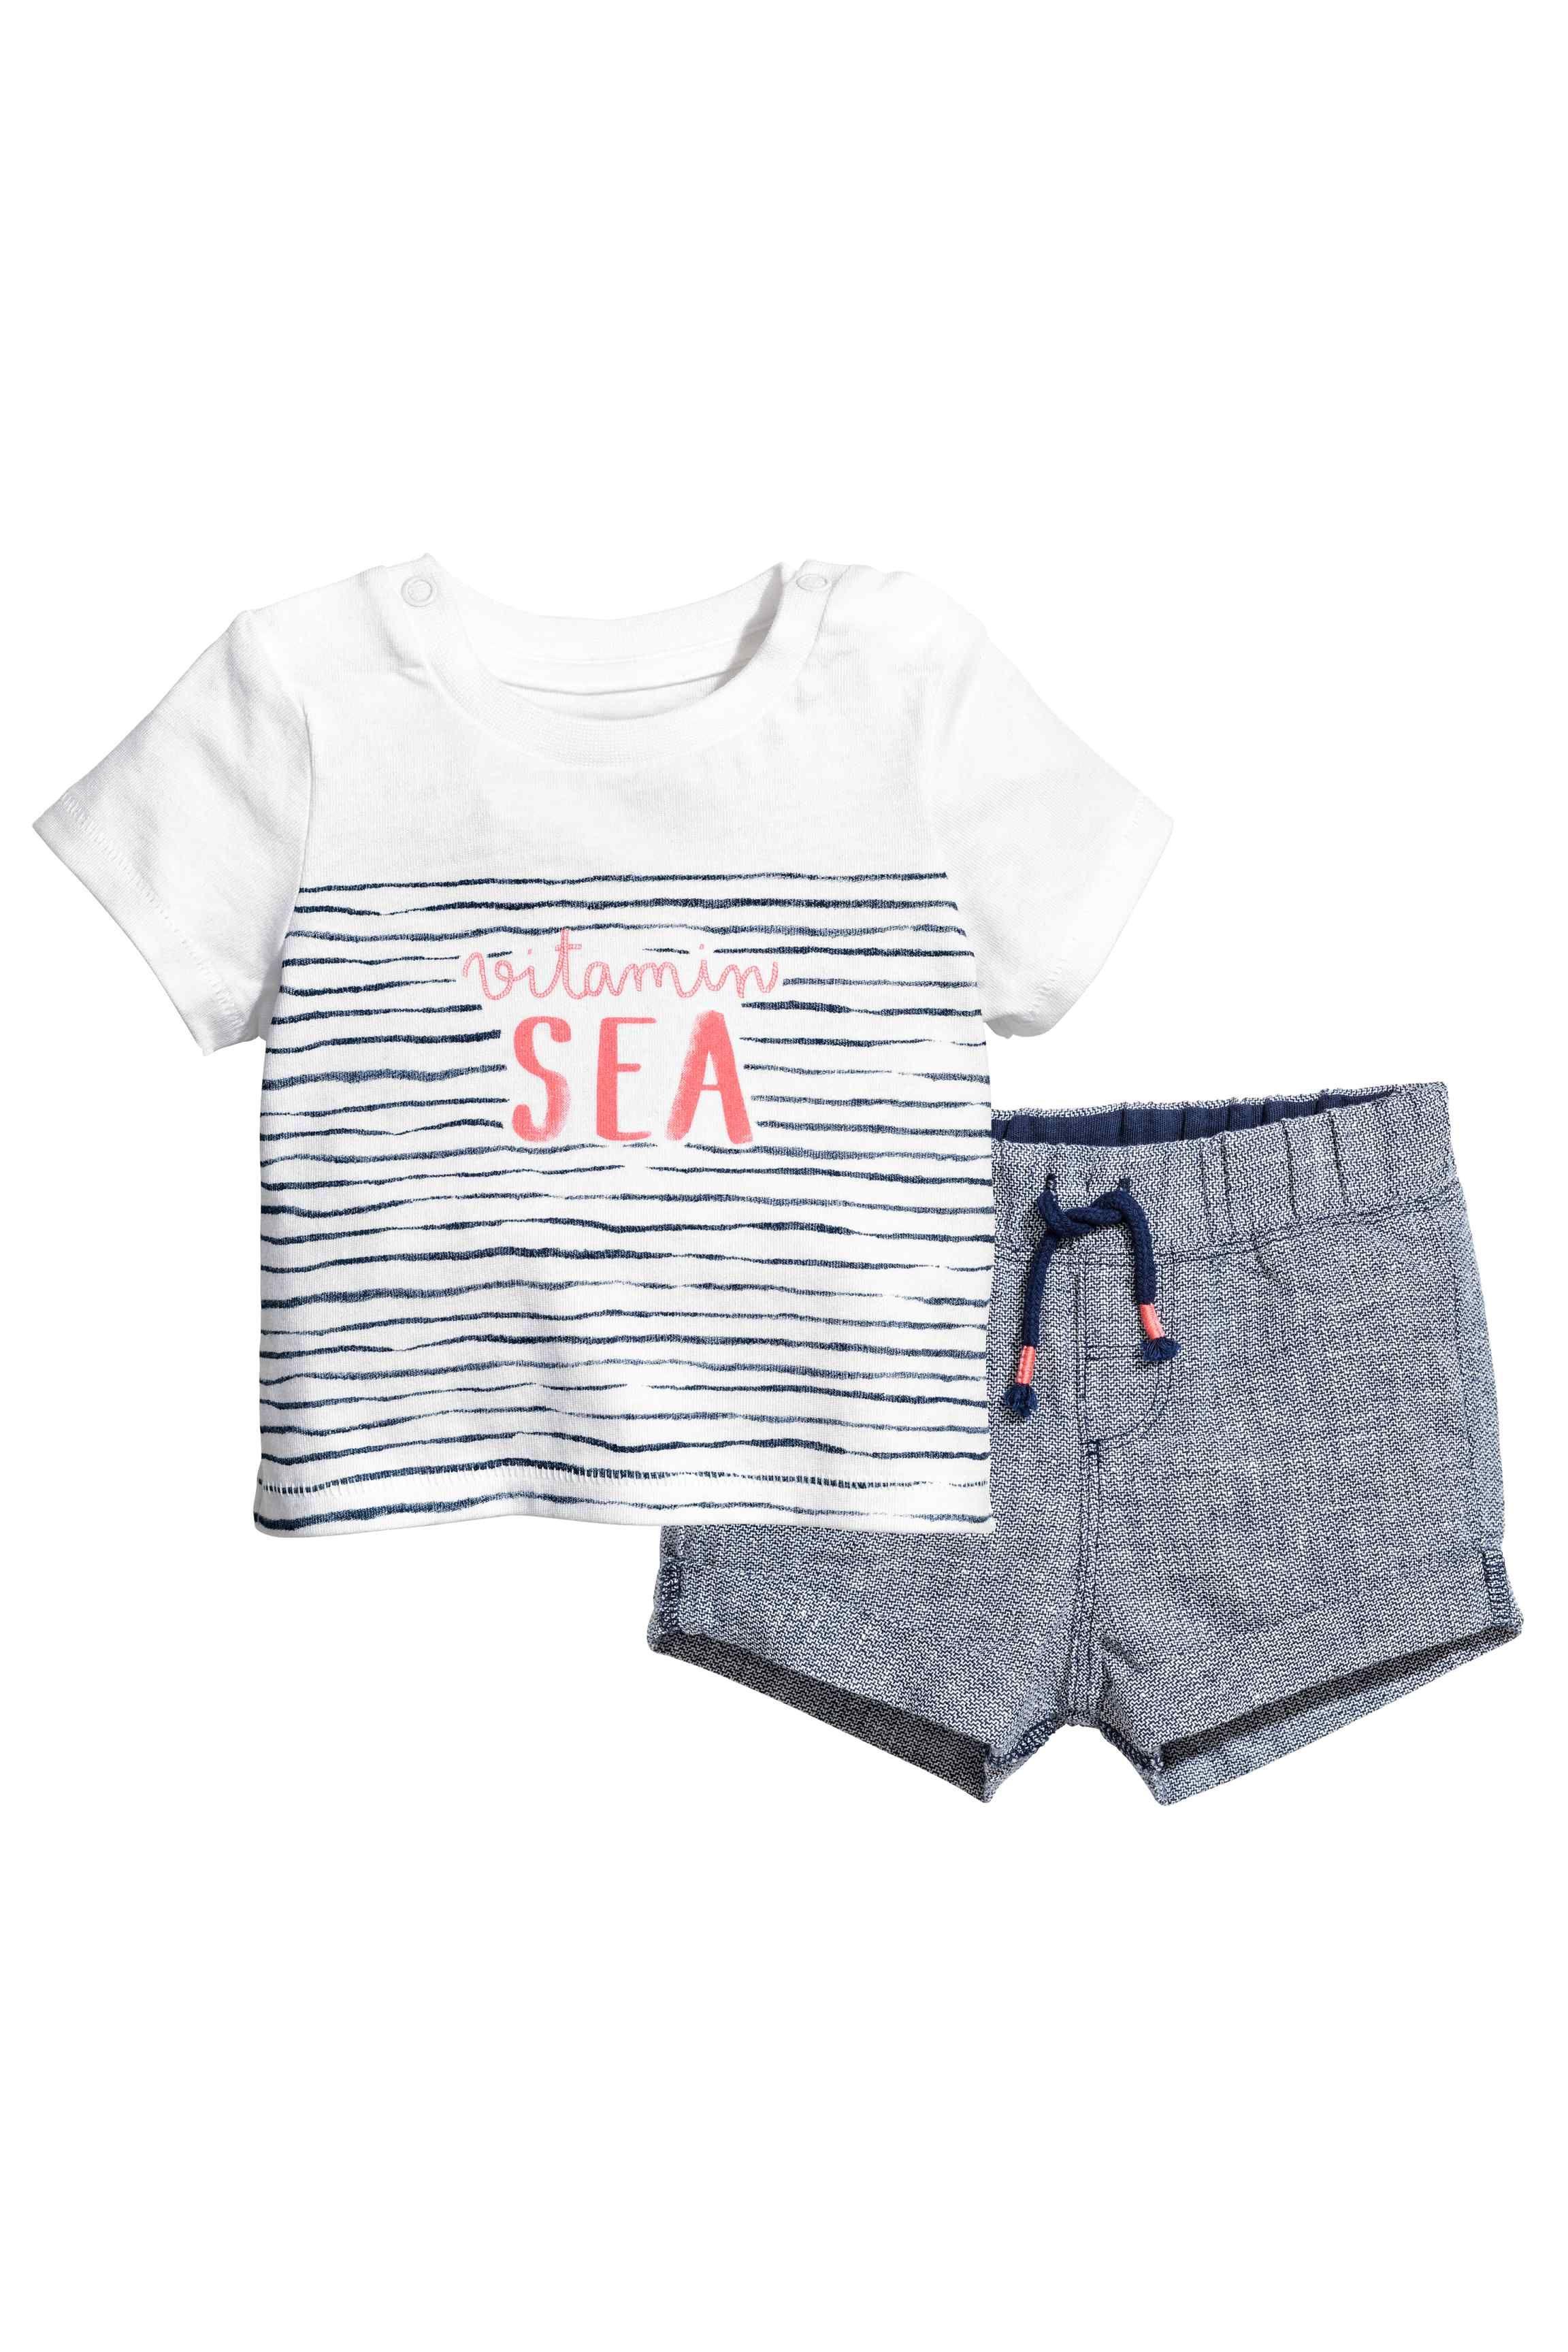 Tshirt et short Short blanc, Vetement enfant et